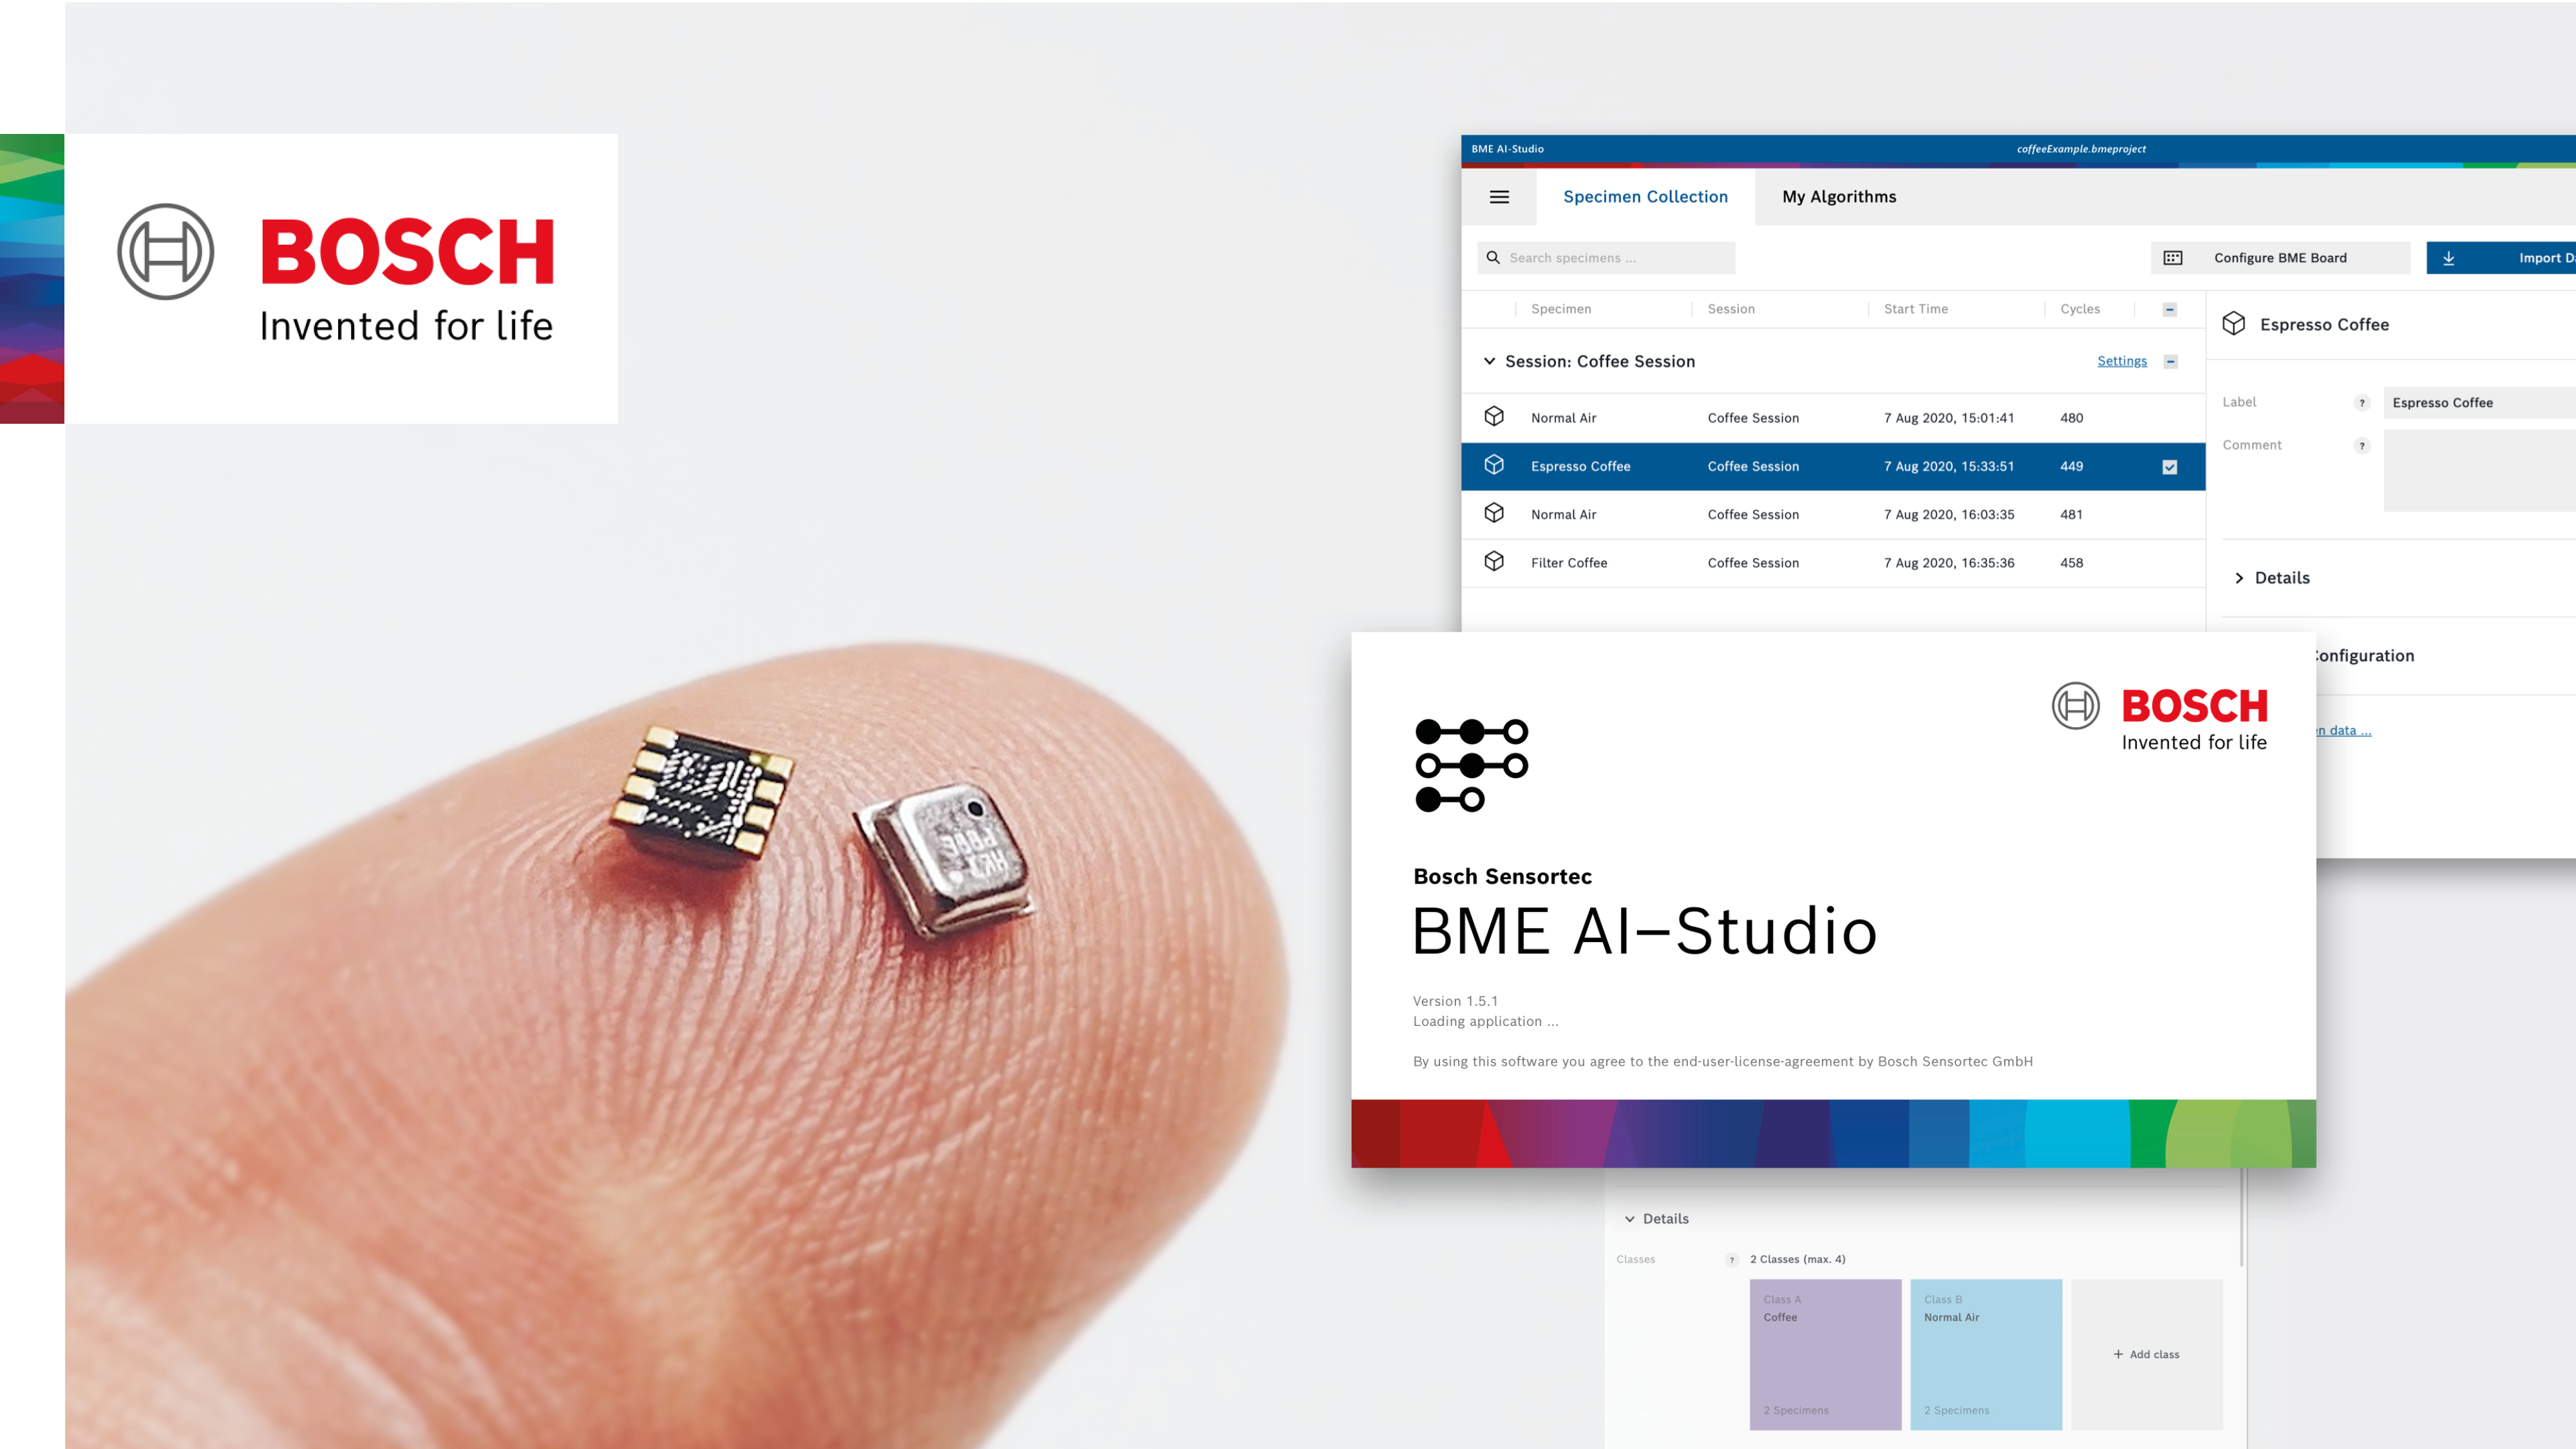 BME AI-Studio software